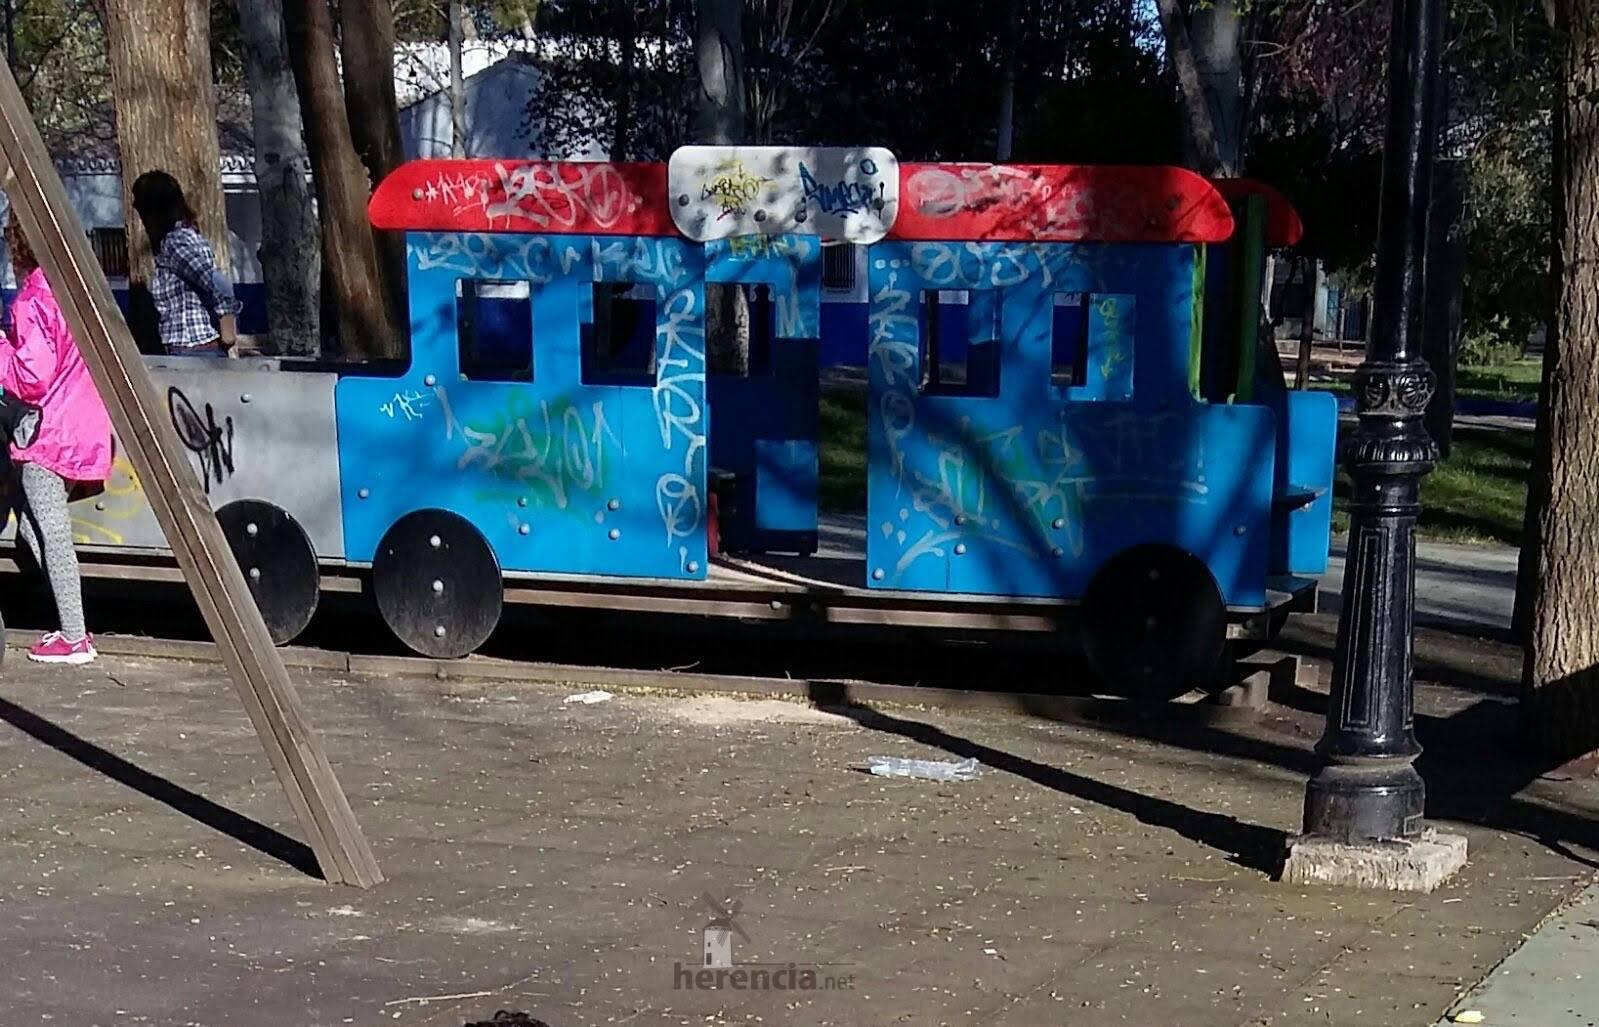 lamentable estado del parque infantil en herencia 2 - Instaladas videocámaras de vigilancia en varios parques de Herencia